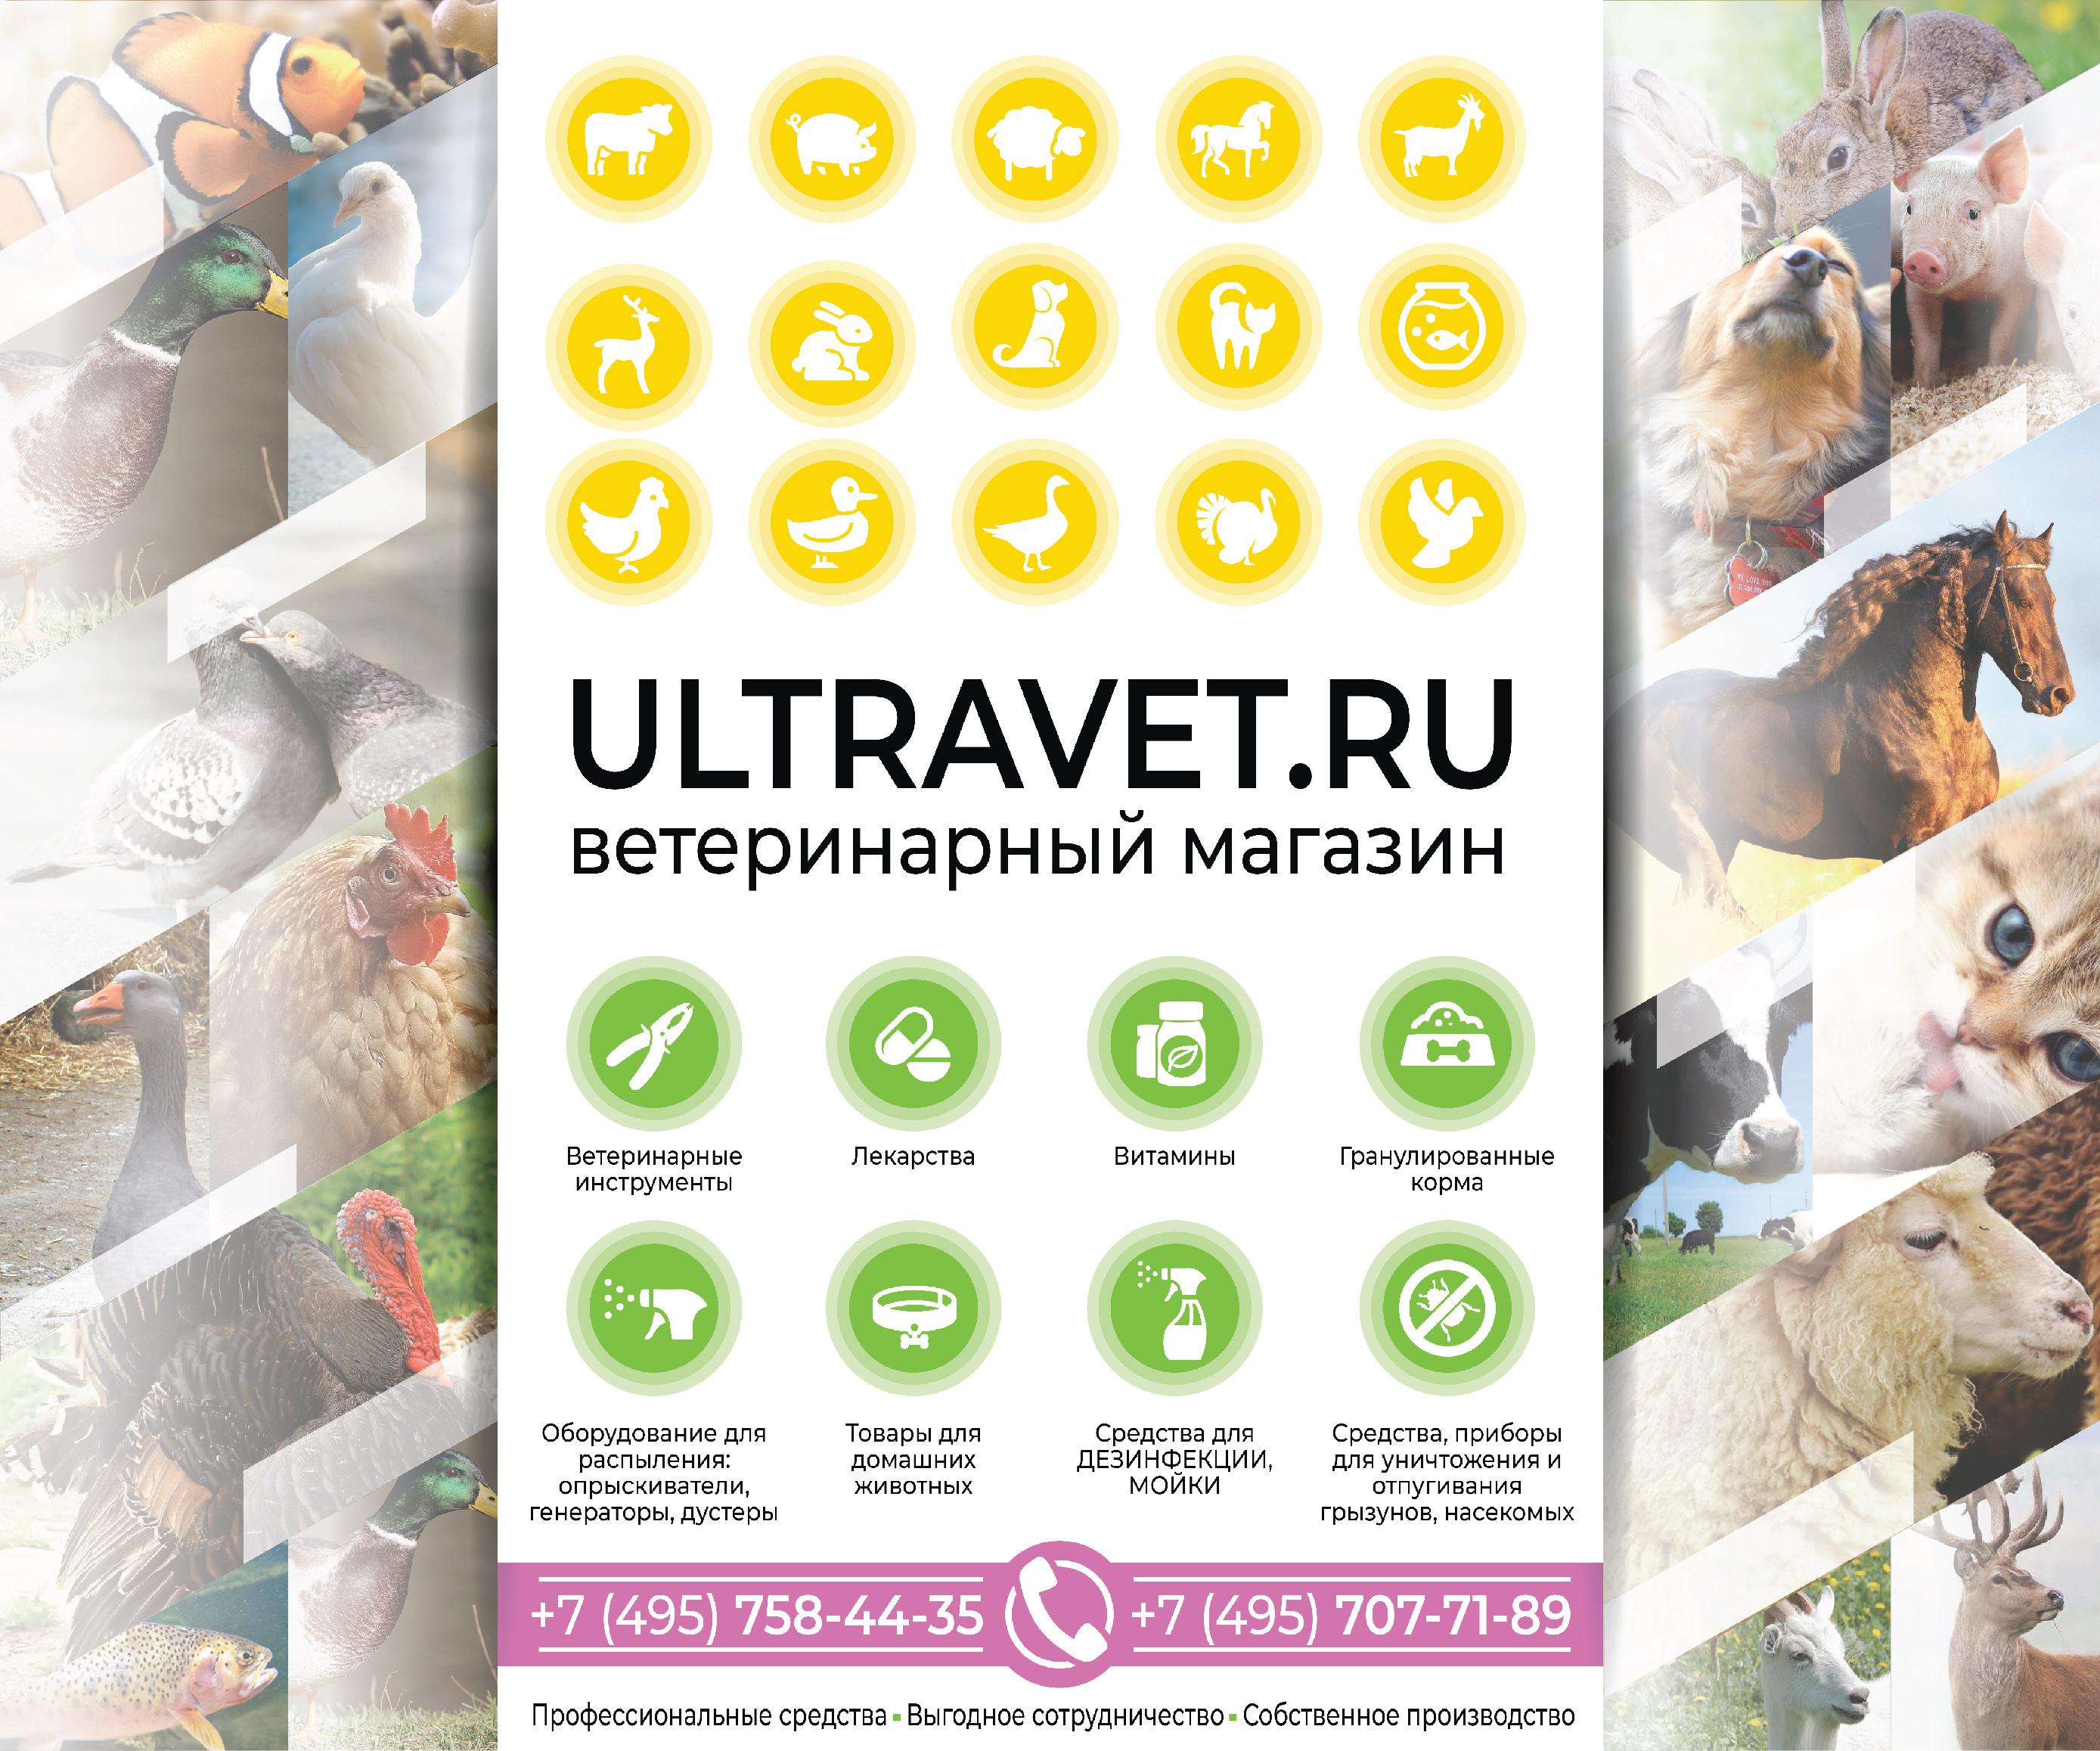 Нужен дизайн постера,  ширина 3 метра, высота 2,5 метра. фото f_8825c0e2a818521e.jpg